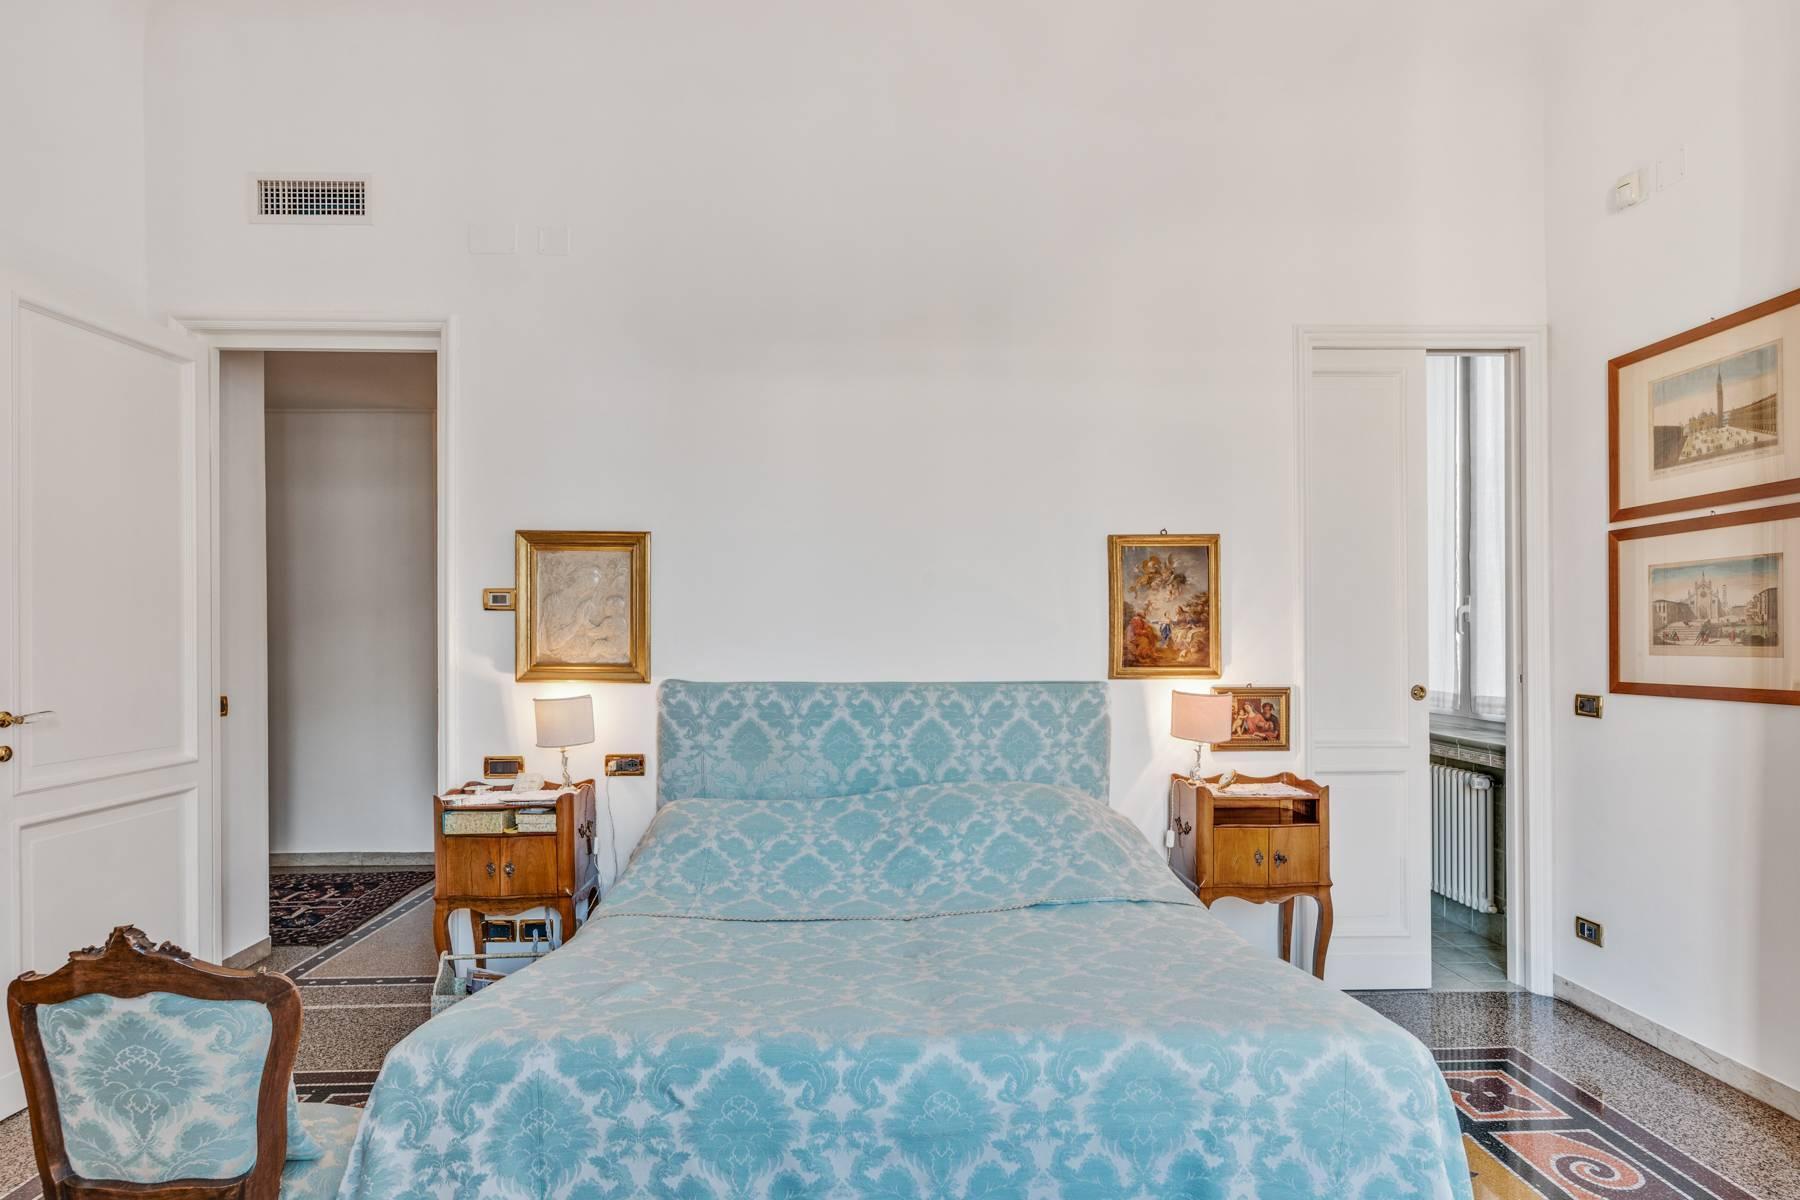 Elegante 275 qm Wohnung im antiken Palast in Carignano - 21